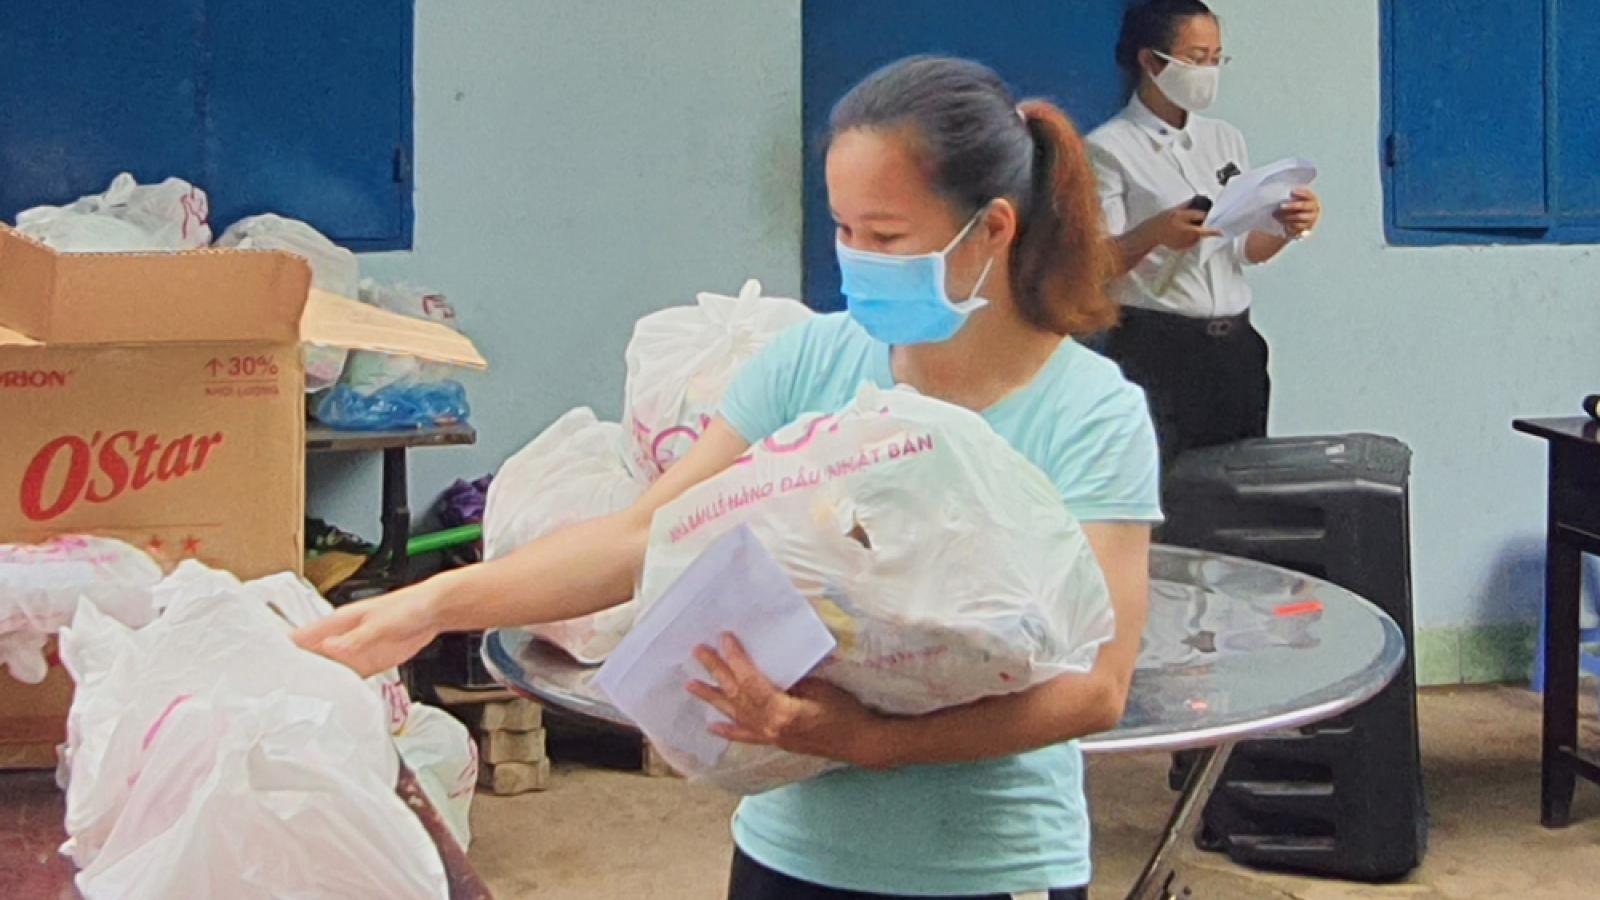 Đồng Nai, Bình Dươngvà nhiều nơi hỗ trợ người lao động bị ảnh hưởng bởi Covid-19